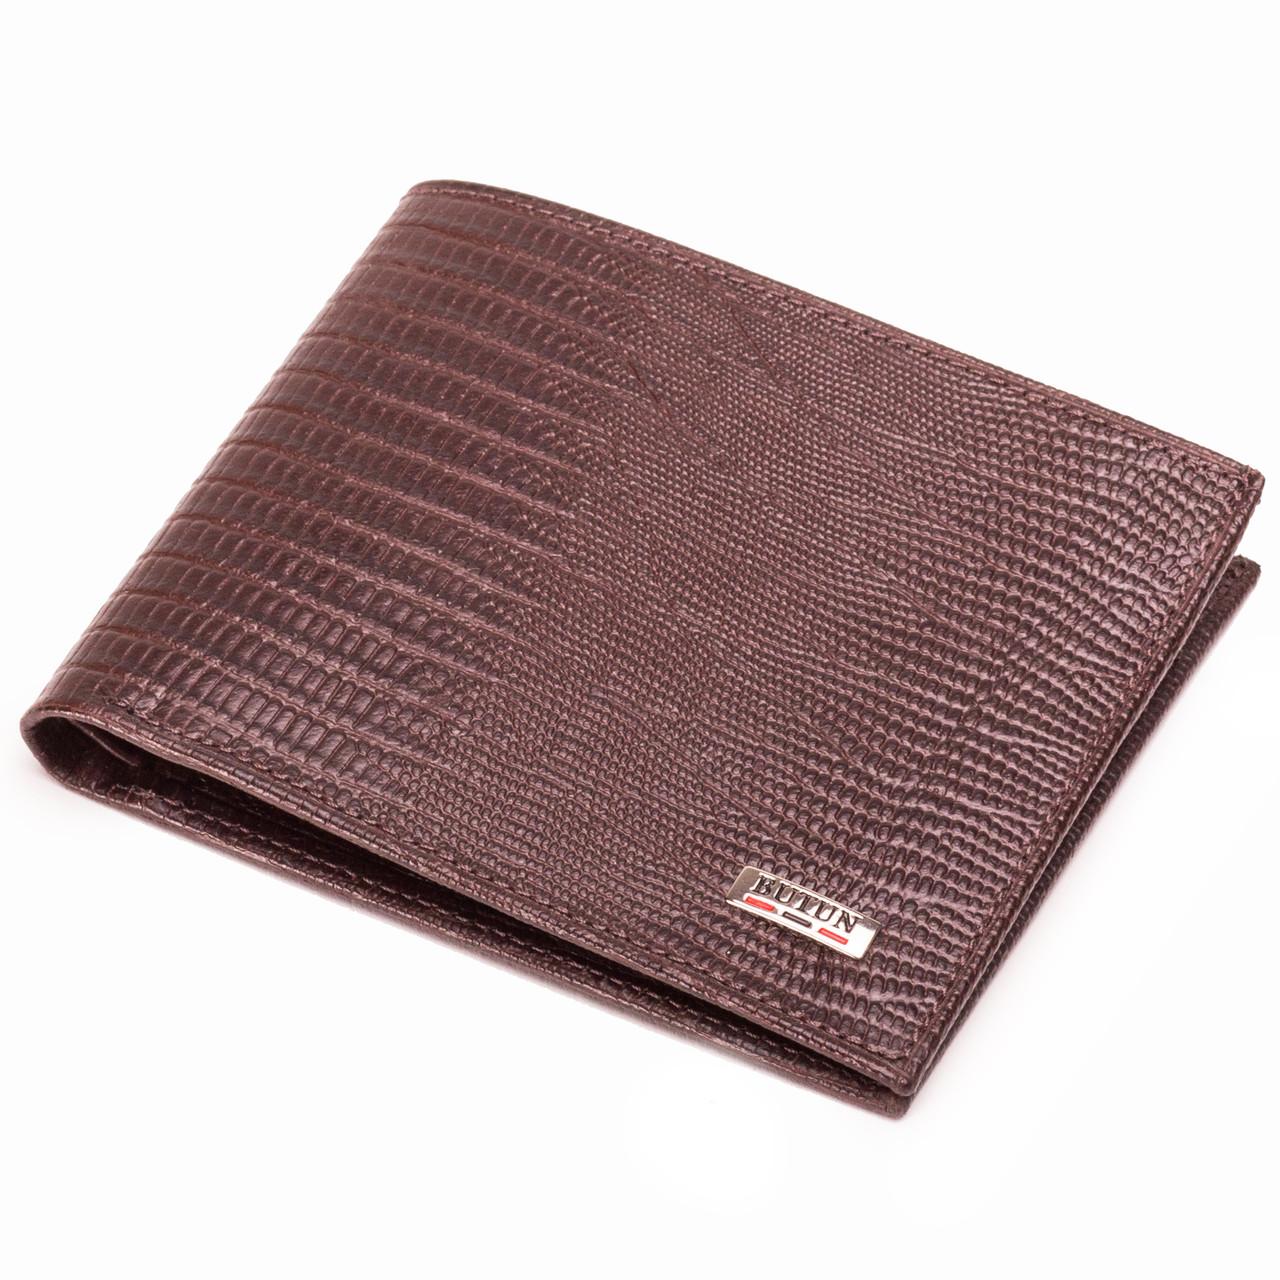 Мужской кошелек кожаный коричневый BUTUN 134-015-004